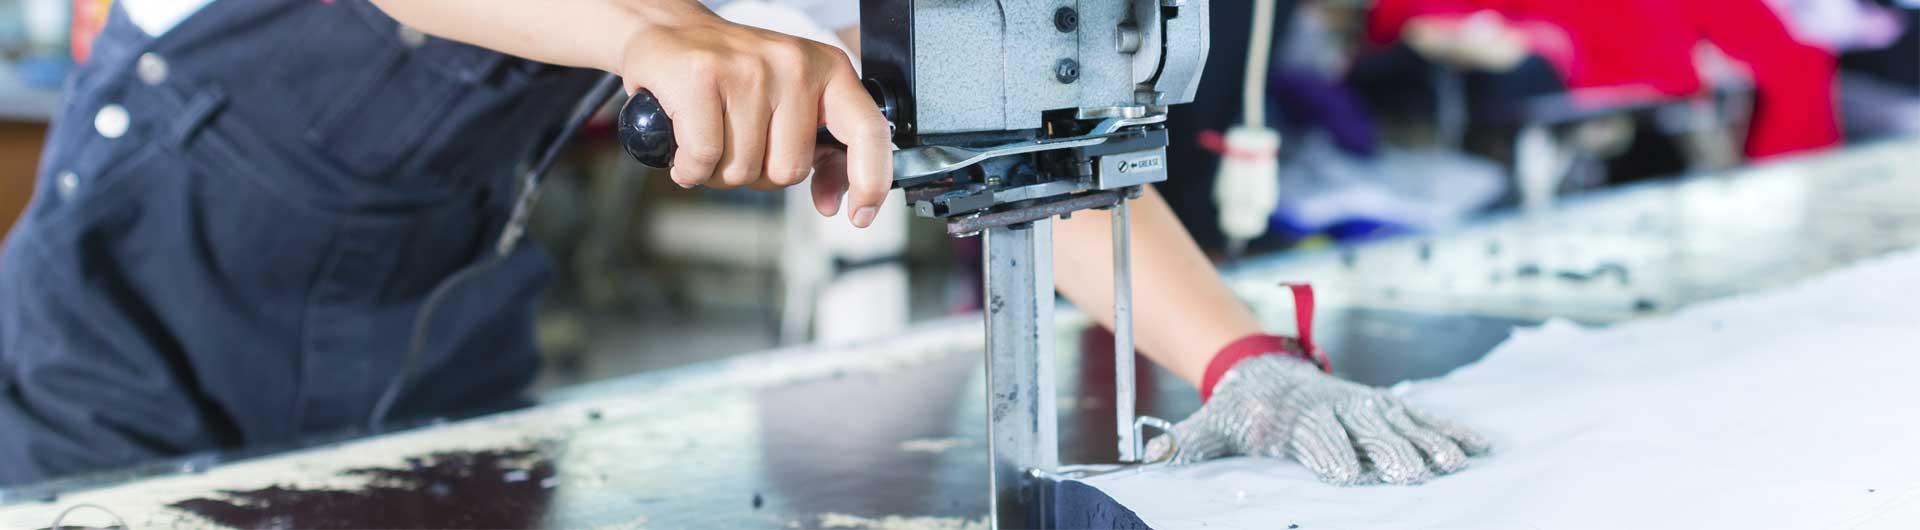 corte-textil-calidad-slide2